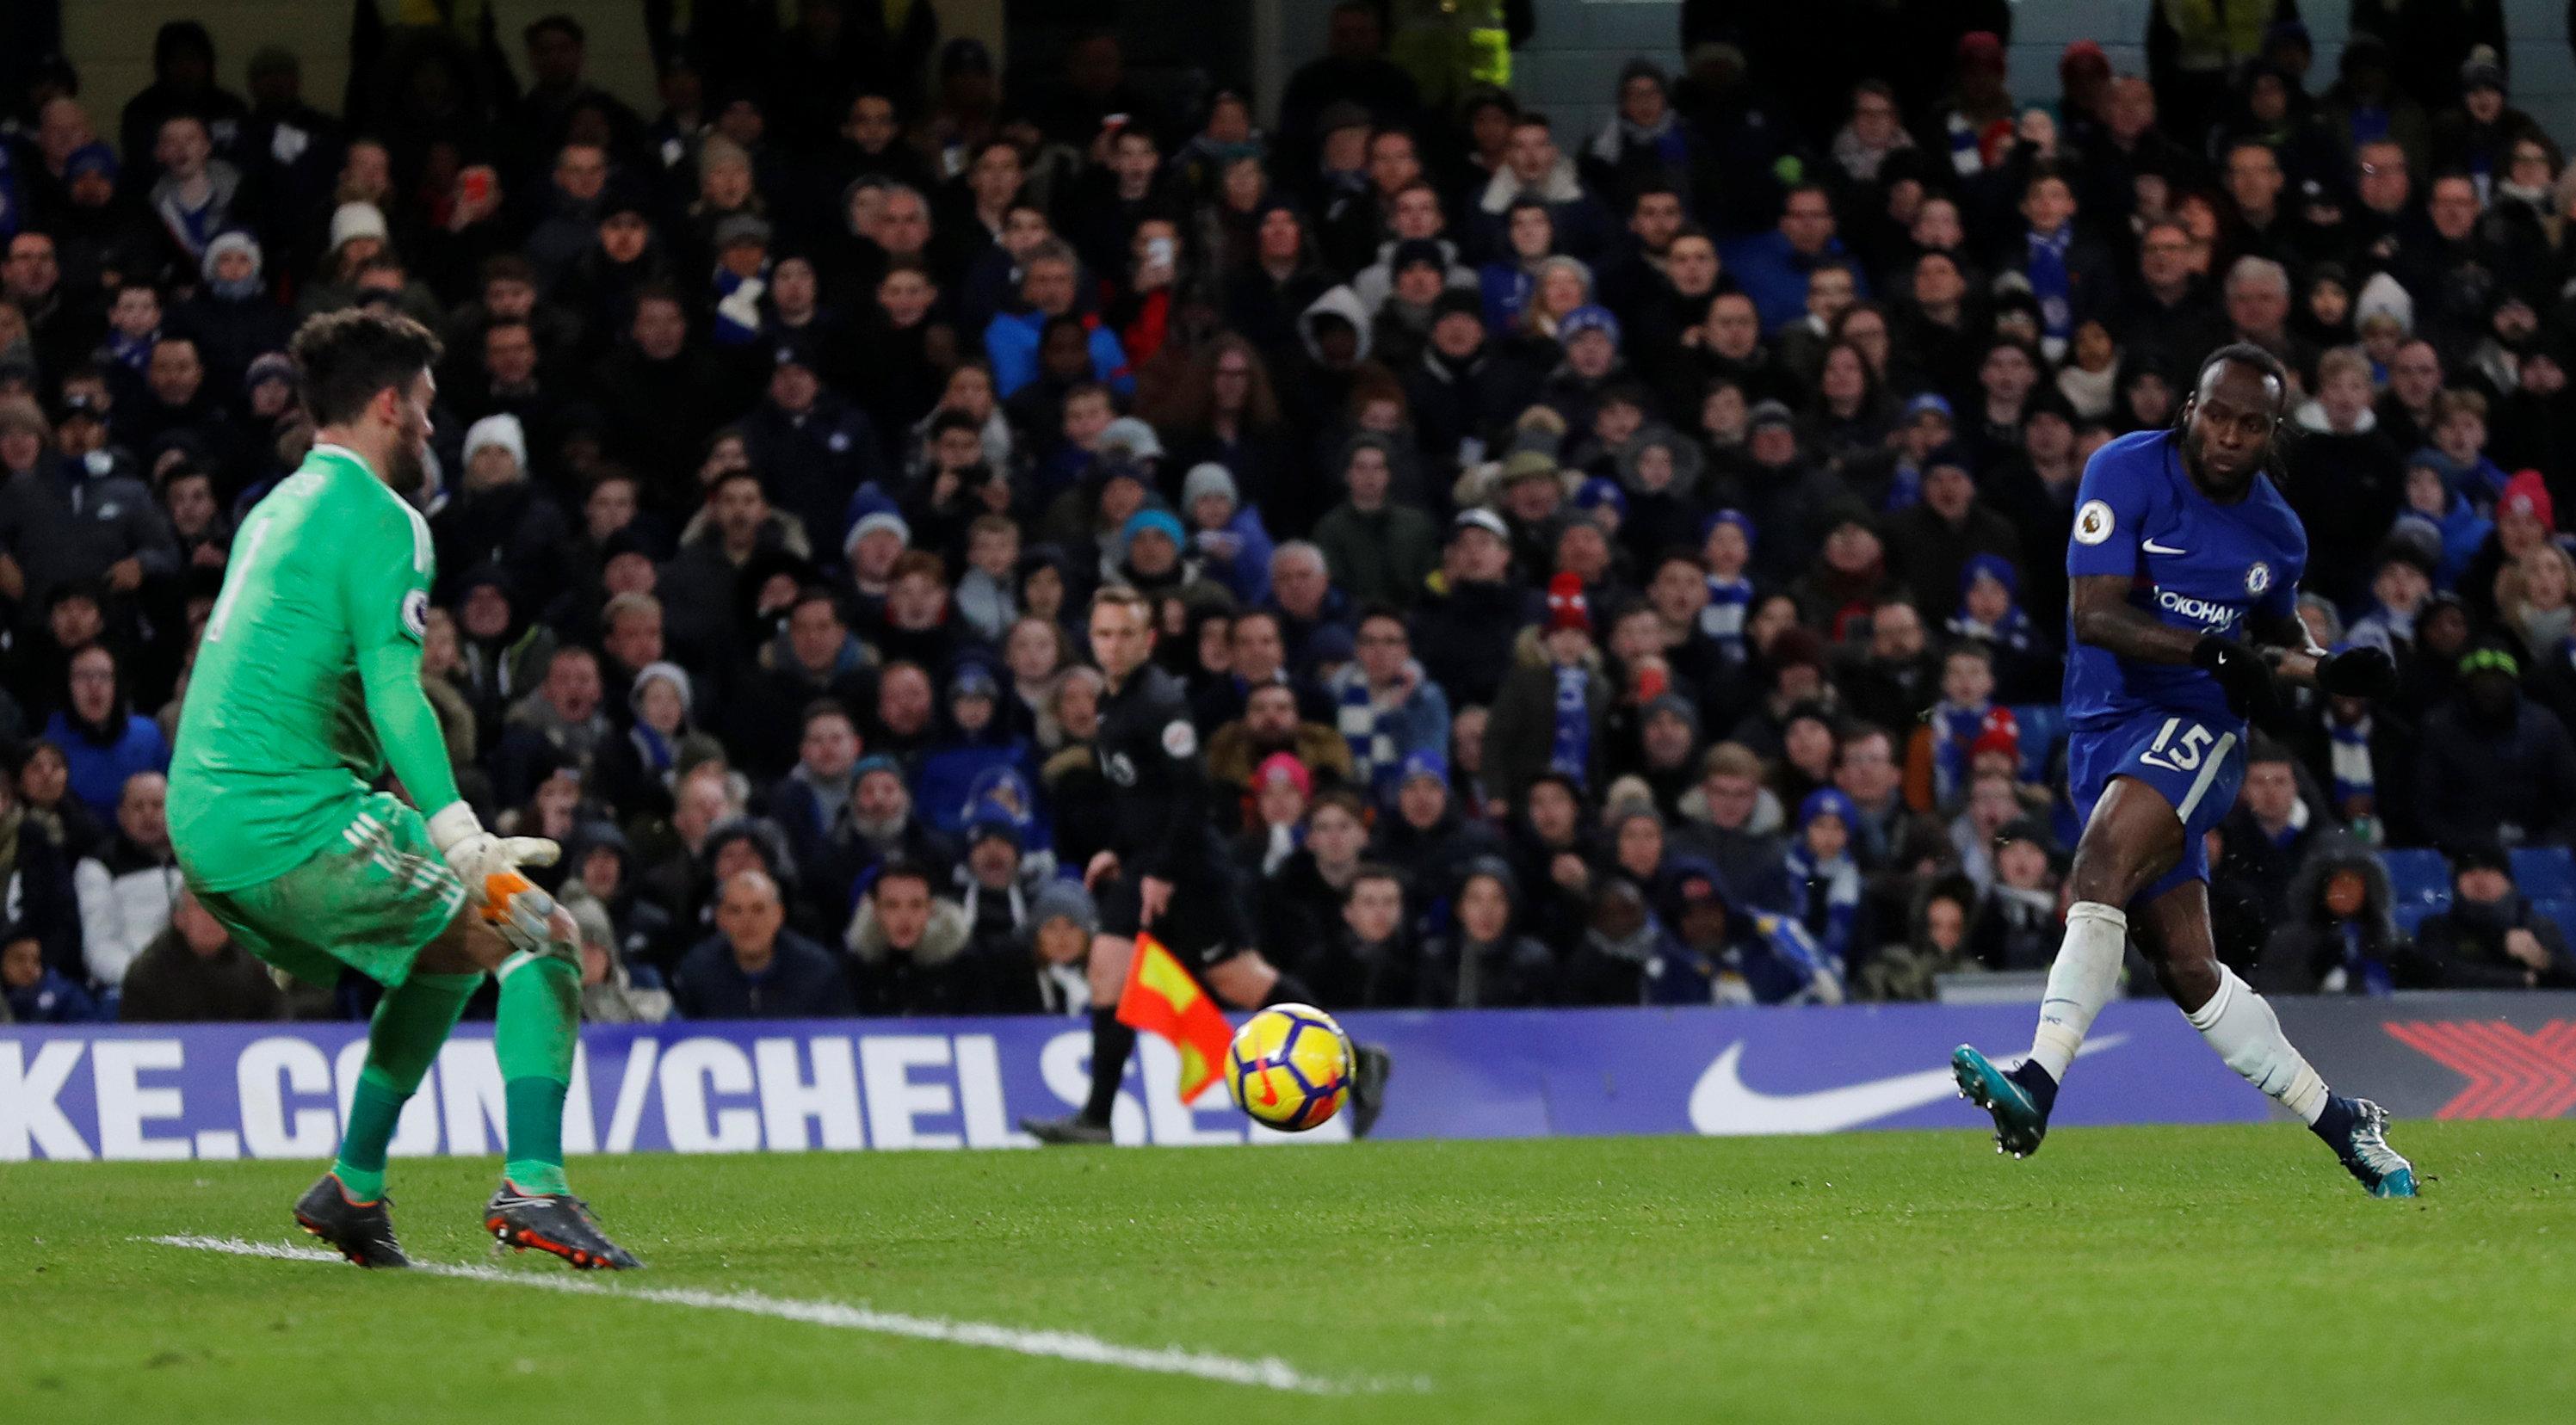 Pha dứt điểm nâng tỉ số lên 2-0 cho Chelsea của Moses. Ảnh: REUTERS